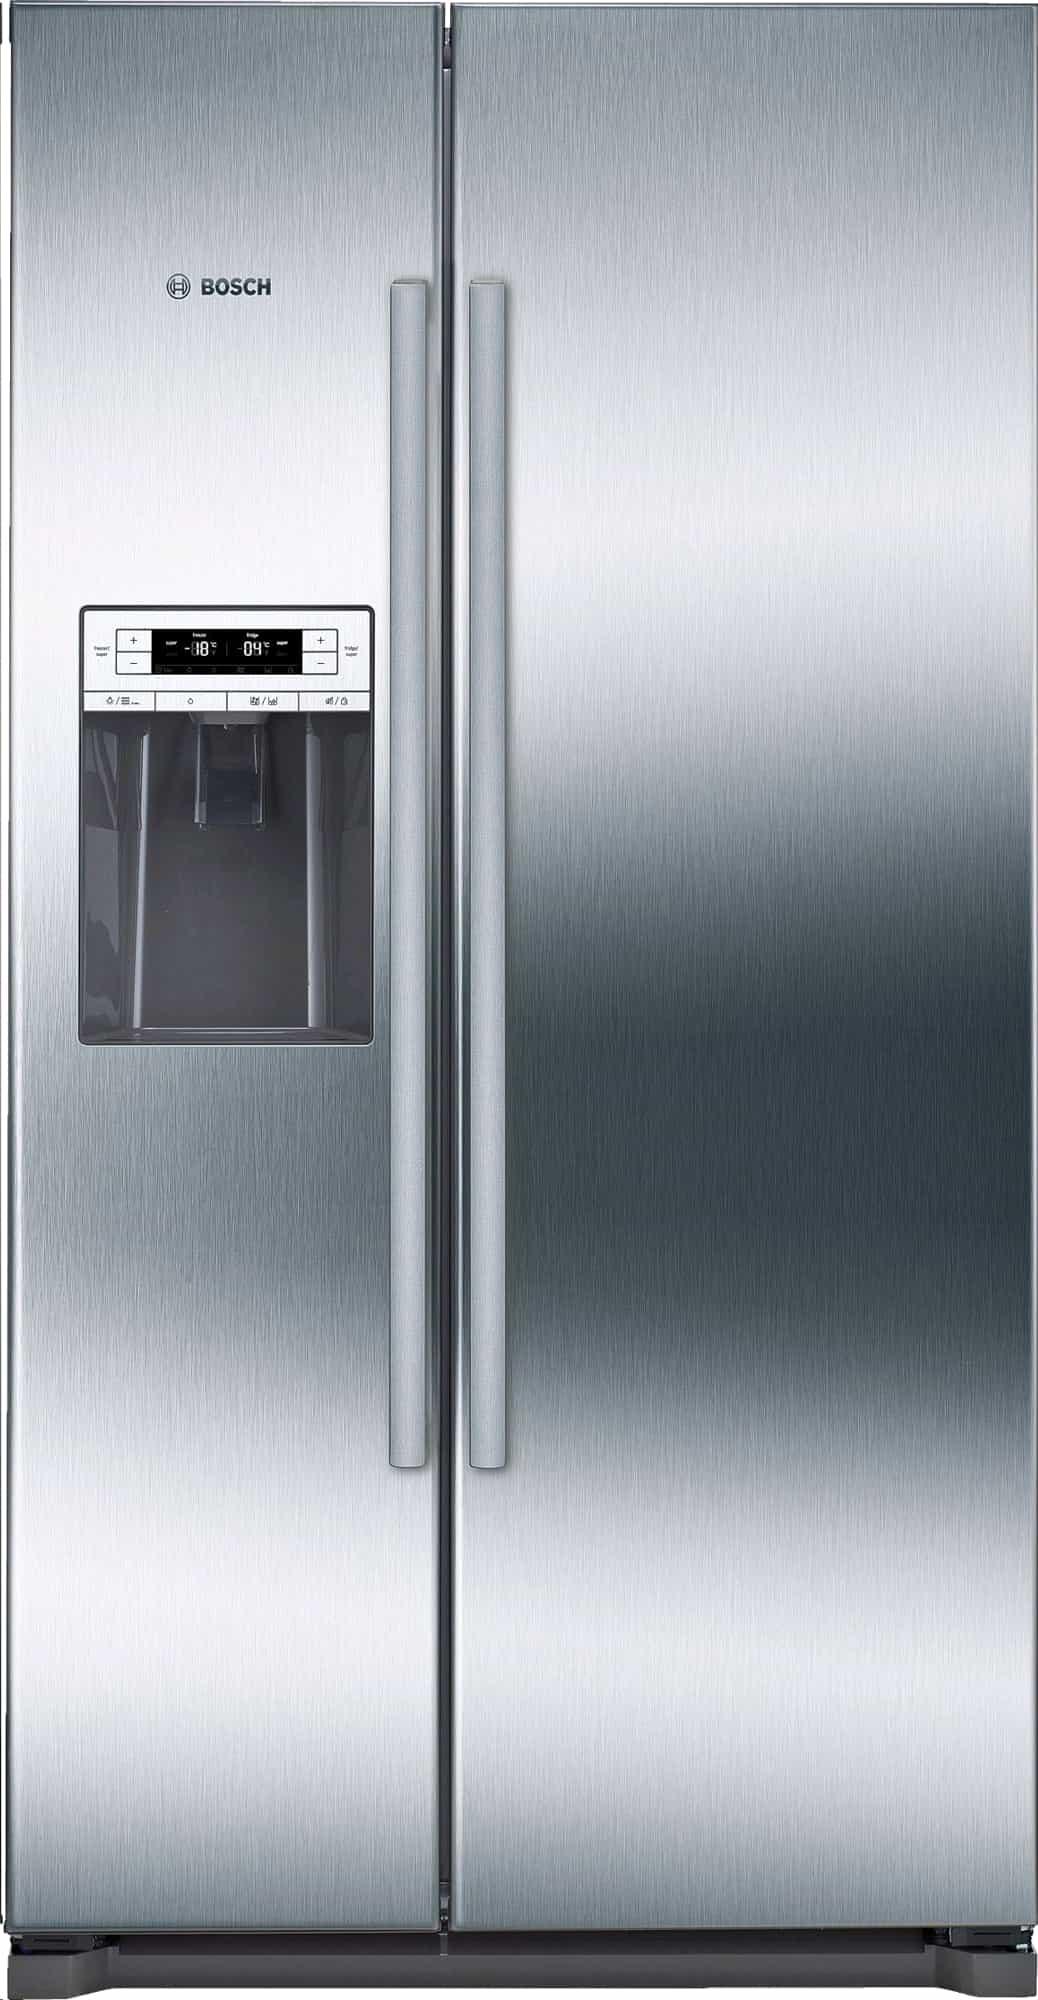 Bosch American Style Fridge Freezer Side By Side Water/Ice Dispenser Plumbed In